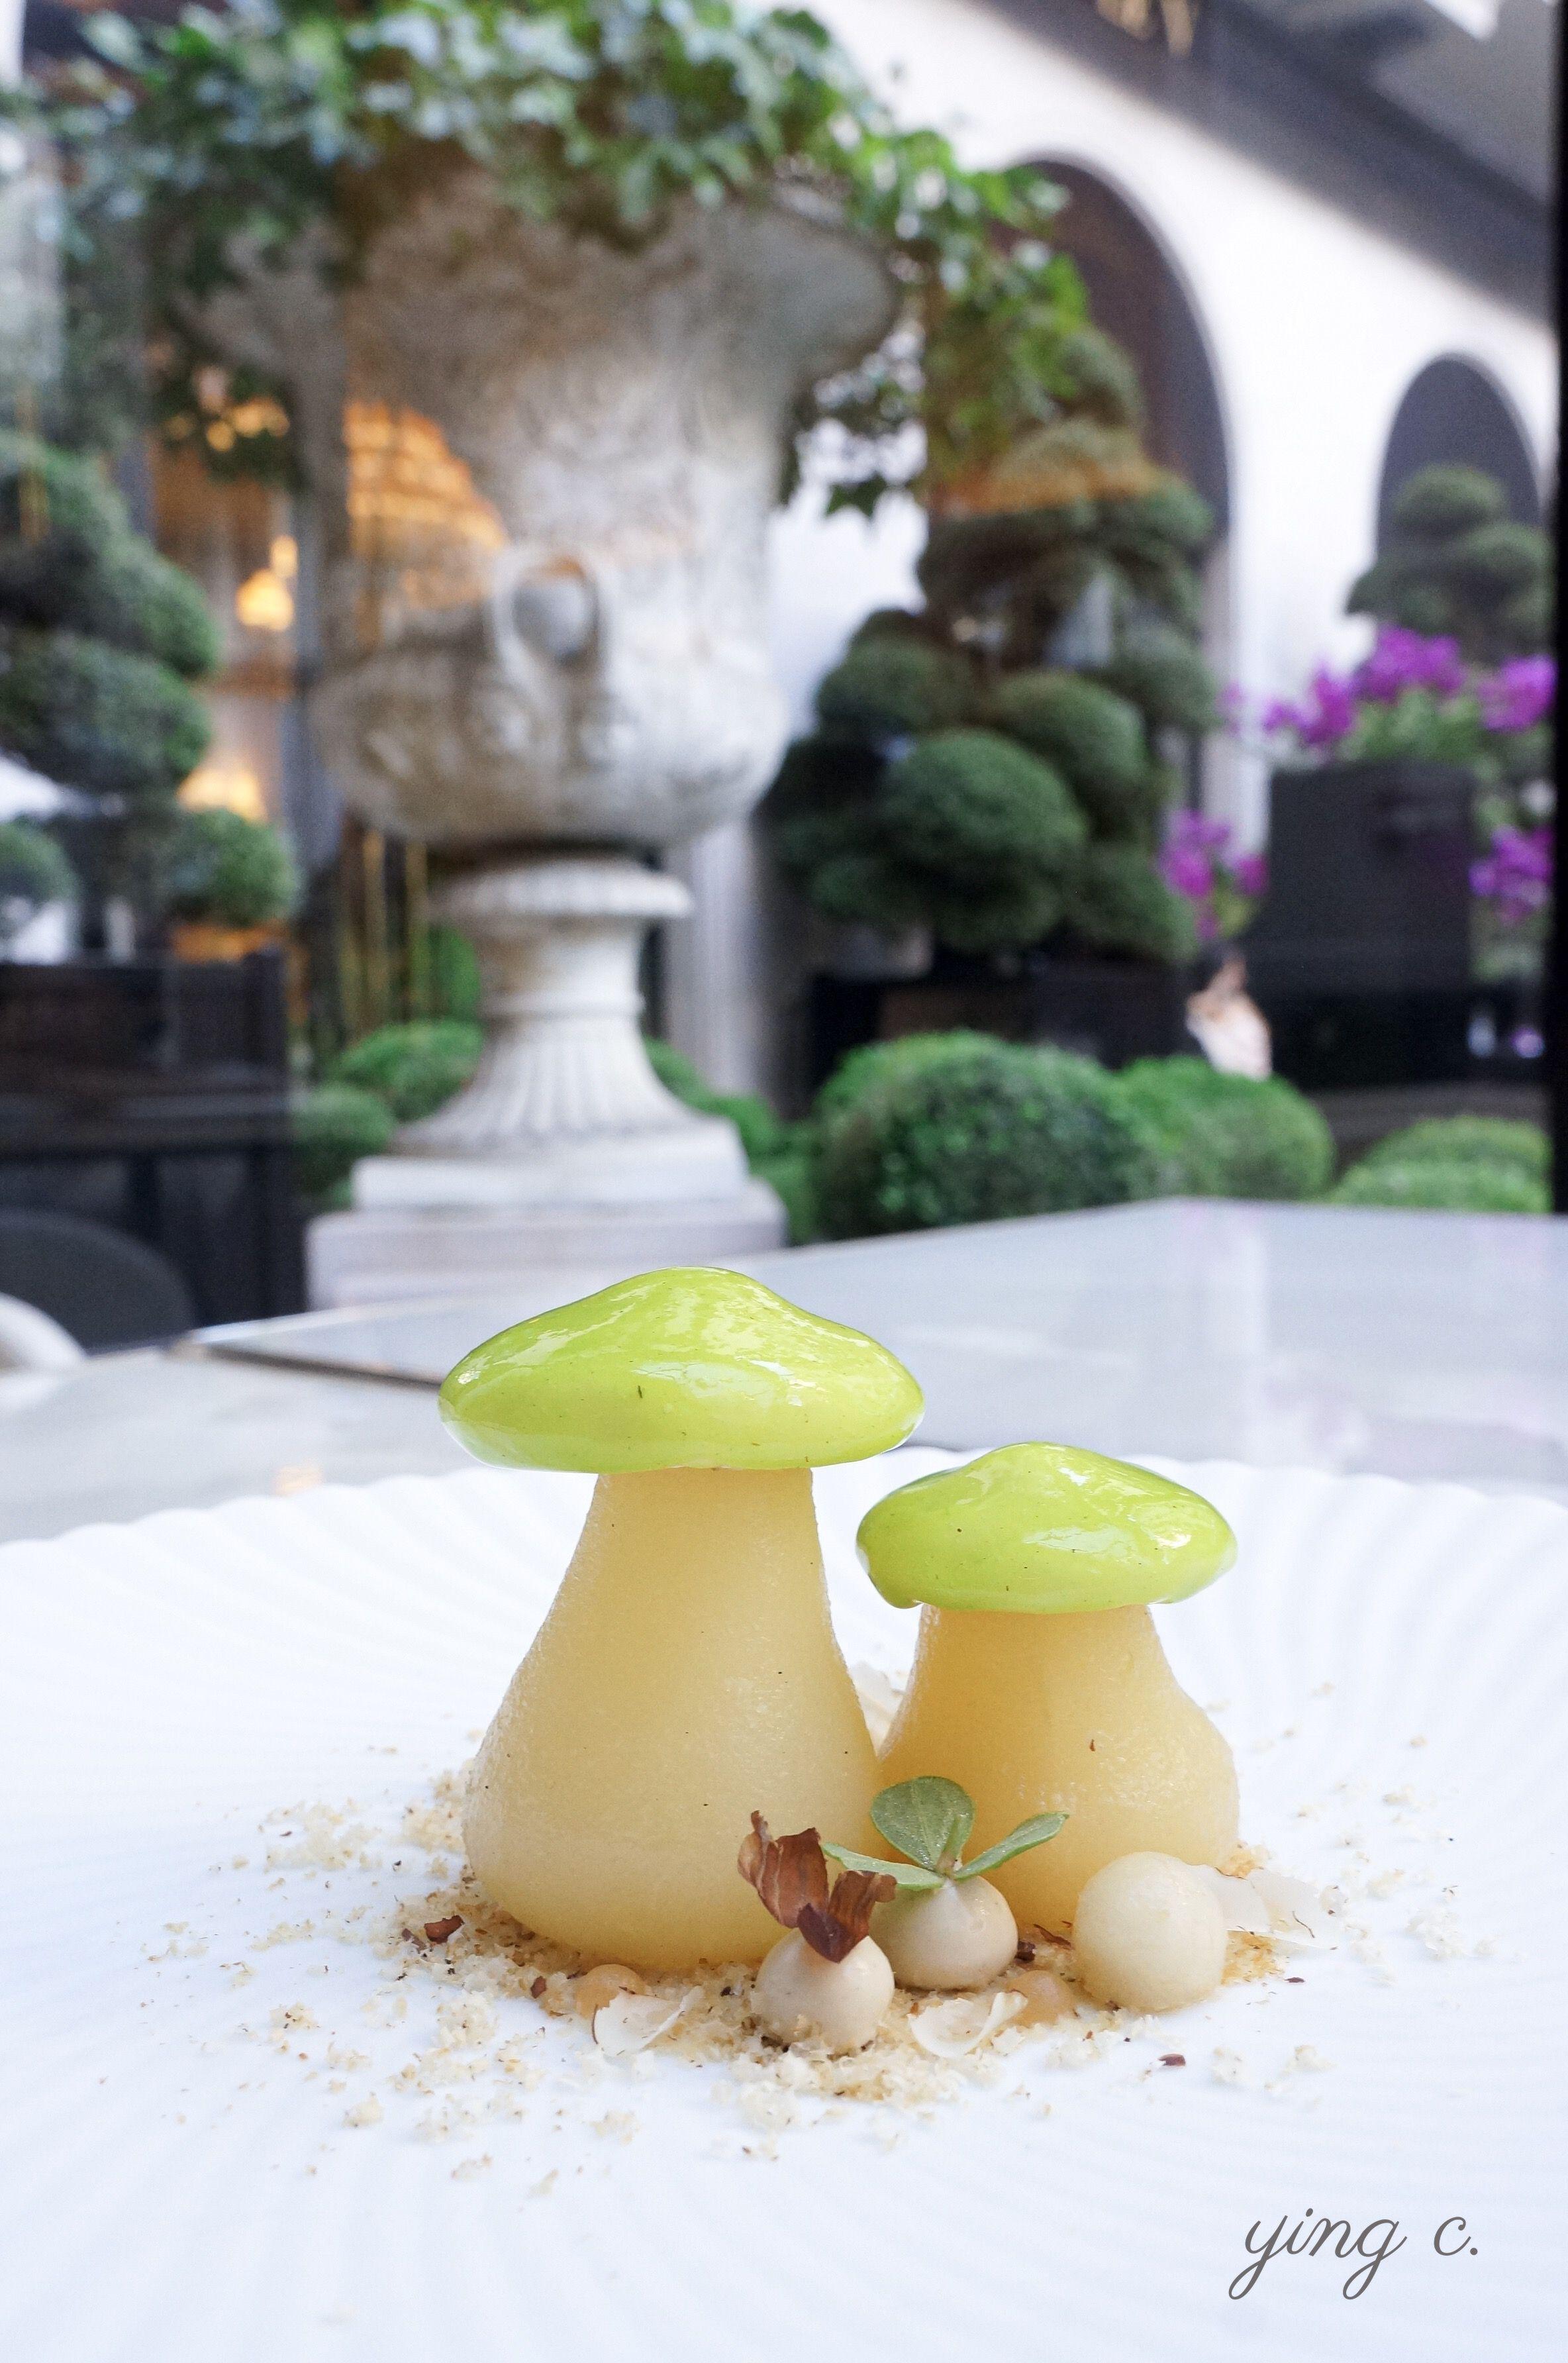 以西洋梨與白松露製作的盤式甜點,可愛蘑菇造型讓人仿若置身魔法森林。